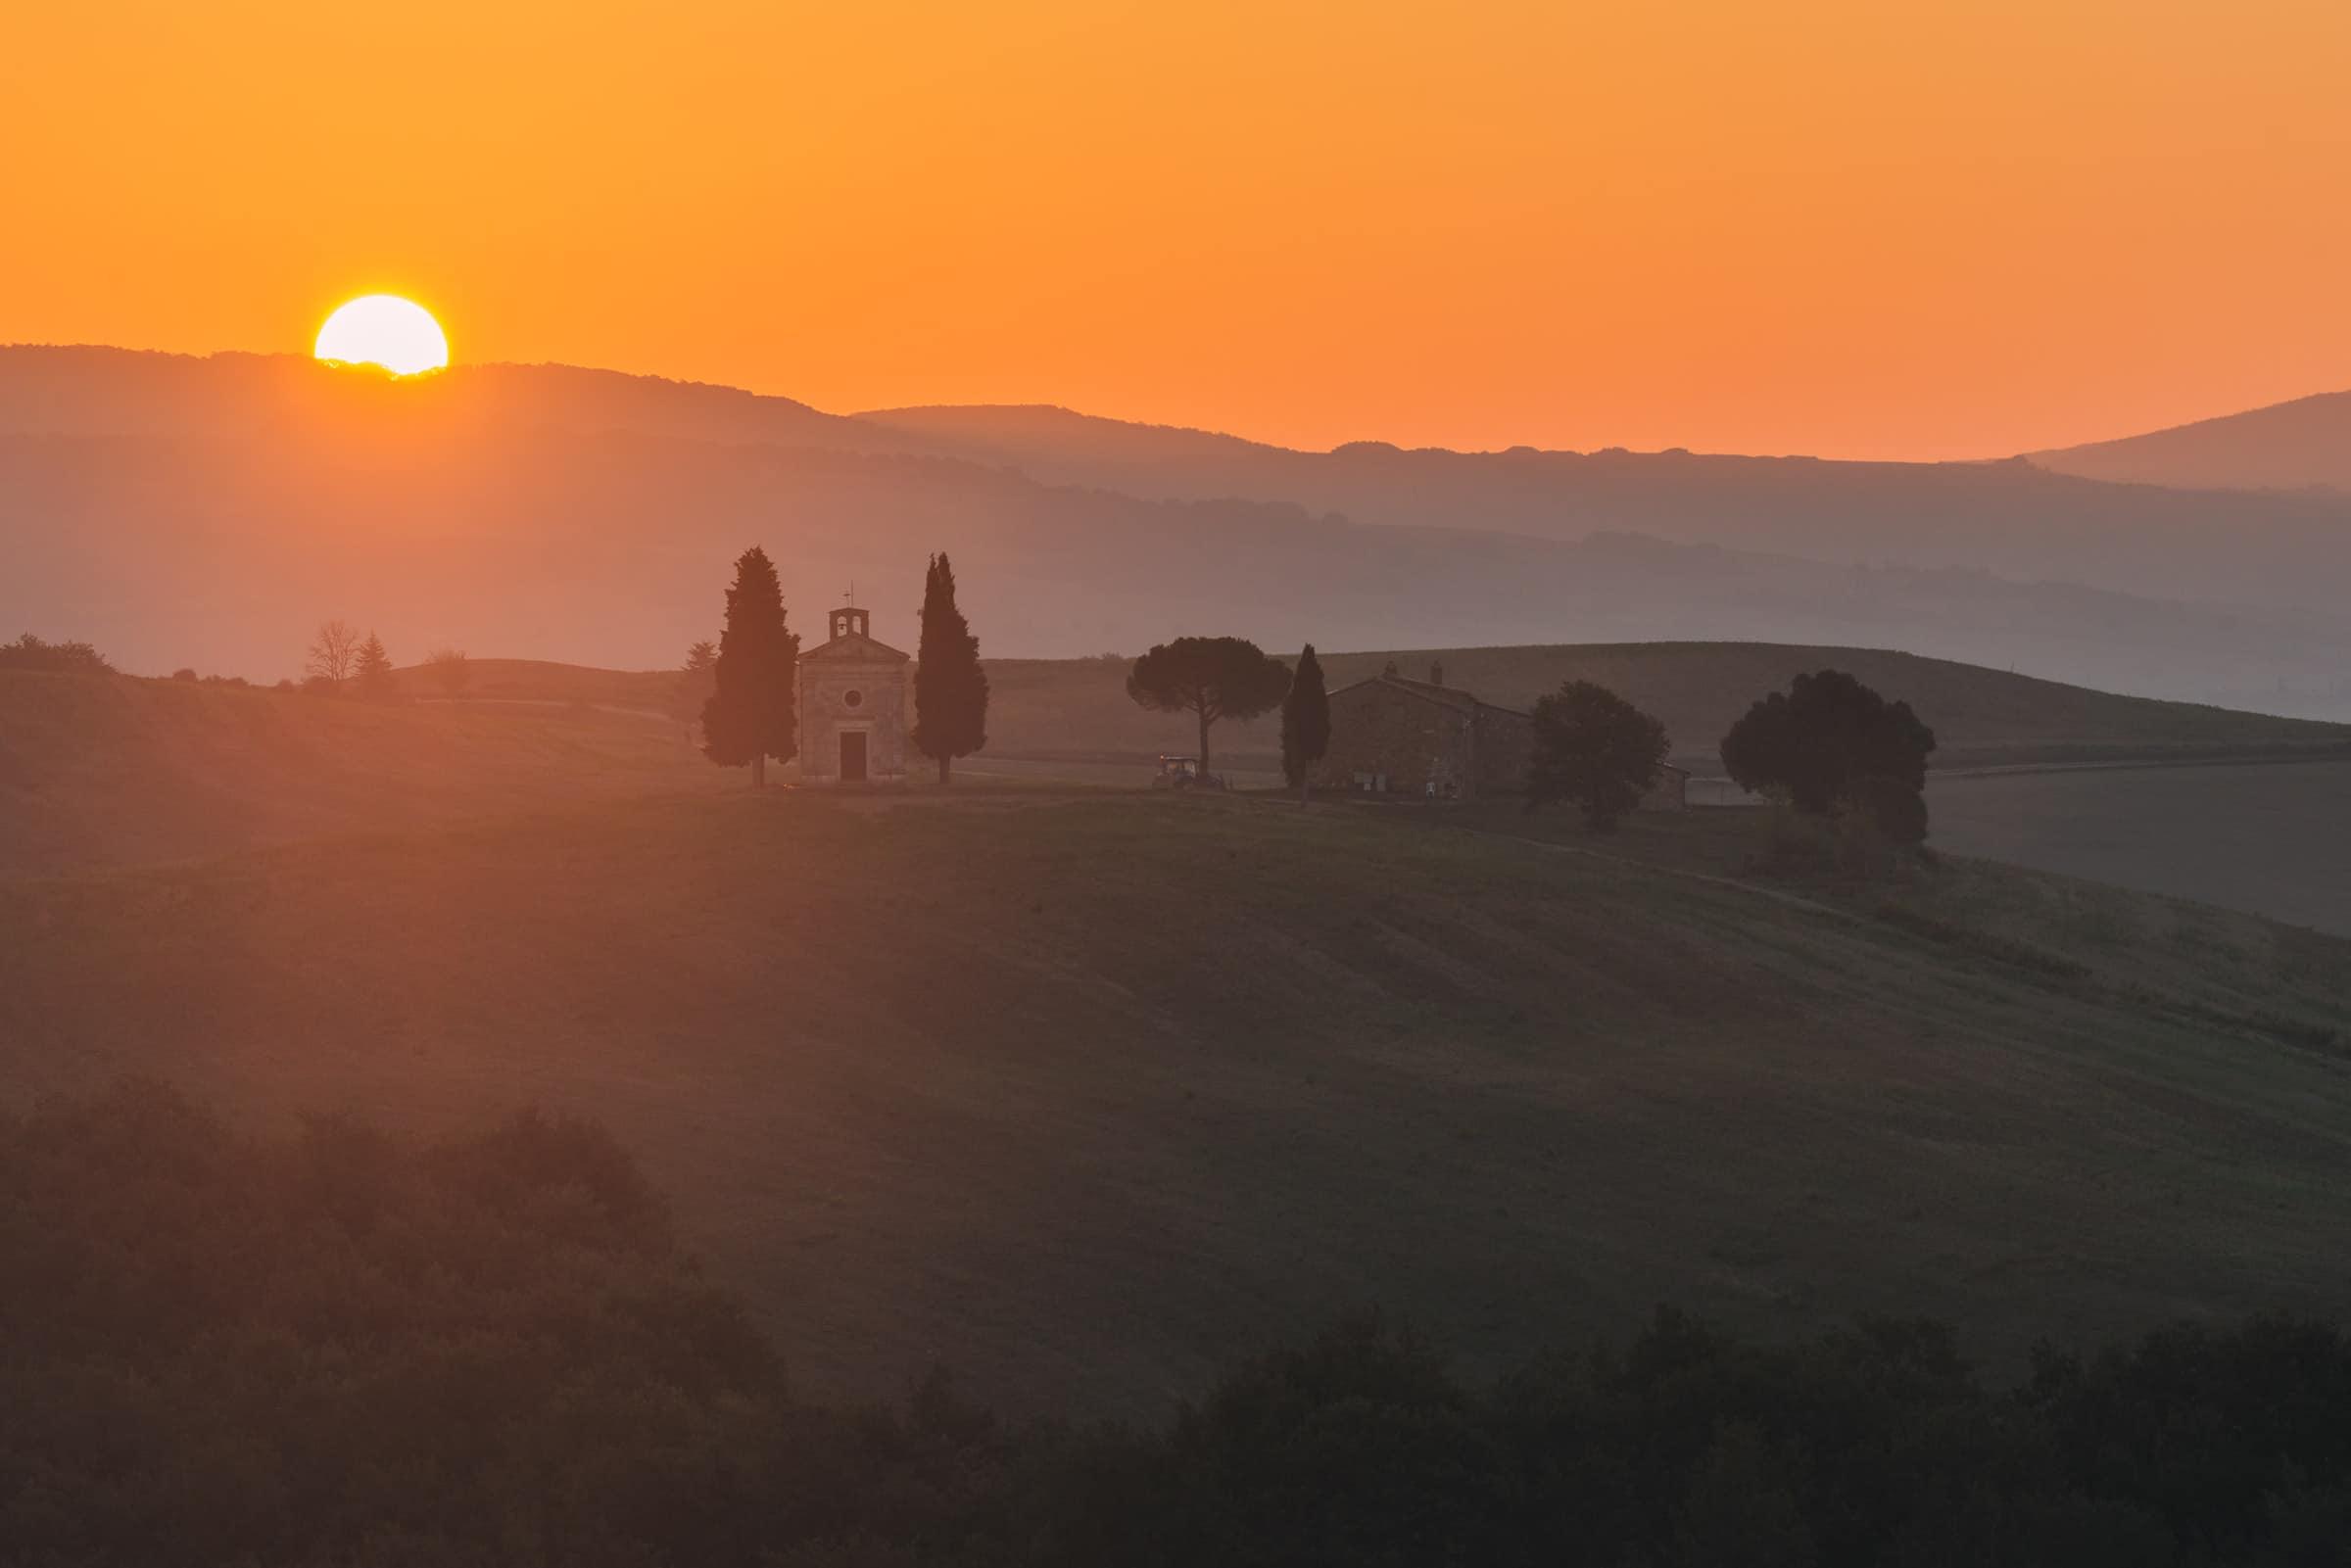 vitaleta chapel at sunrise